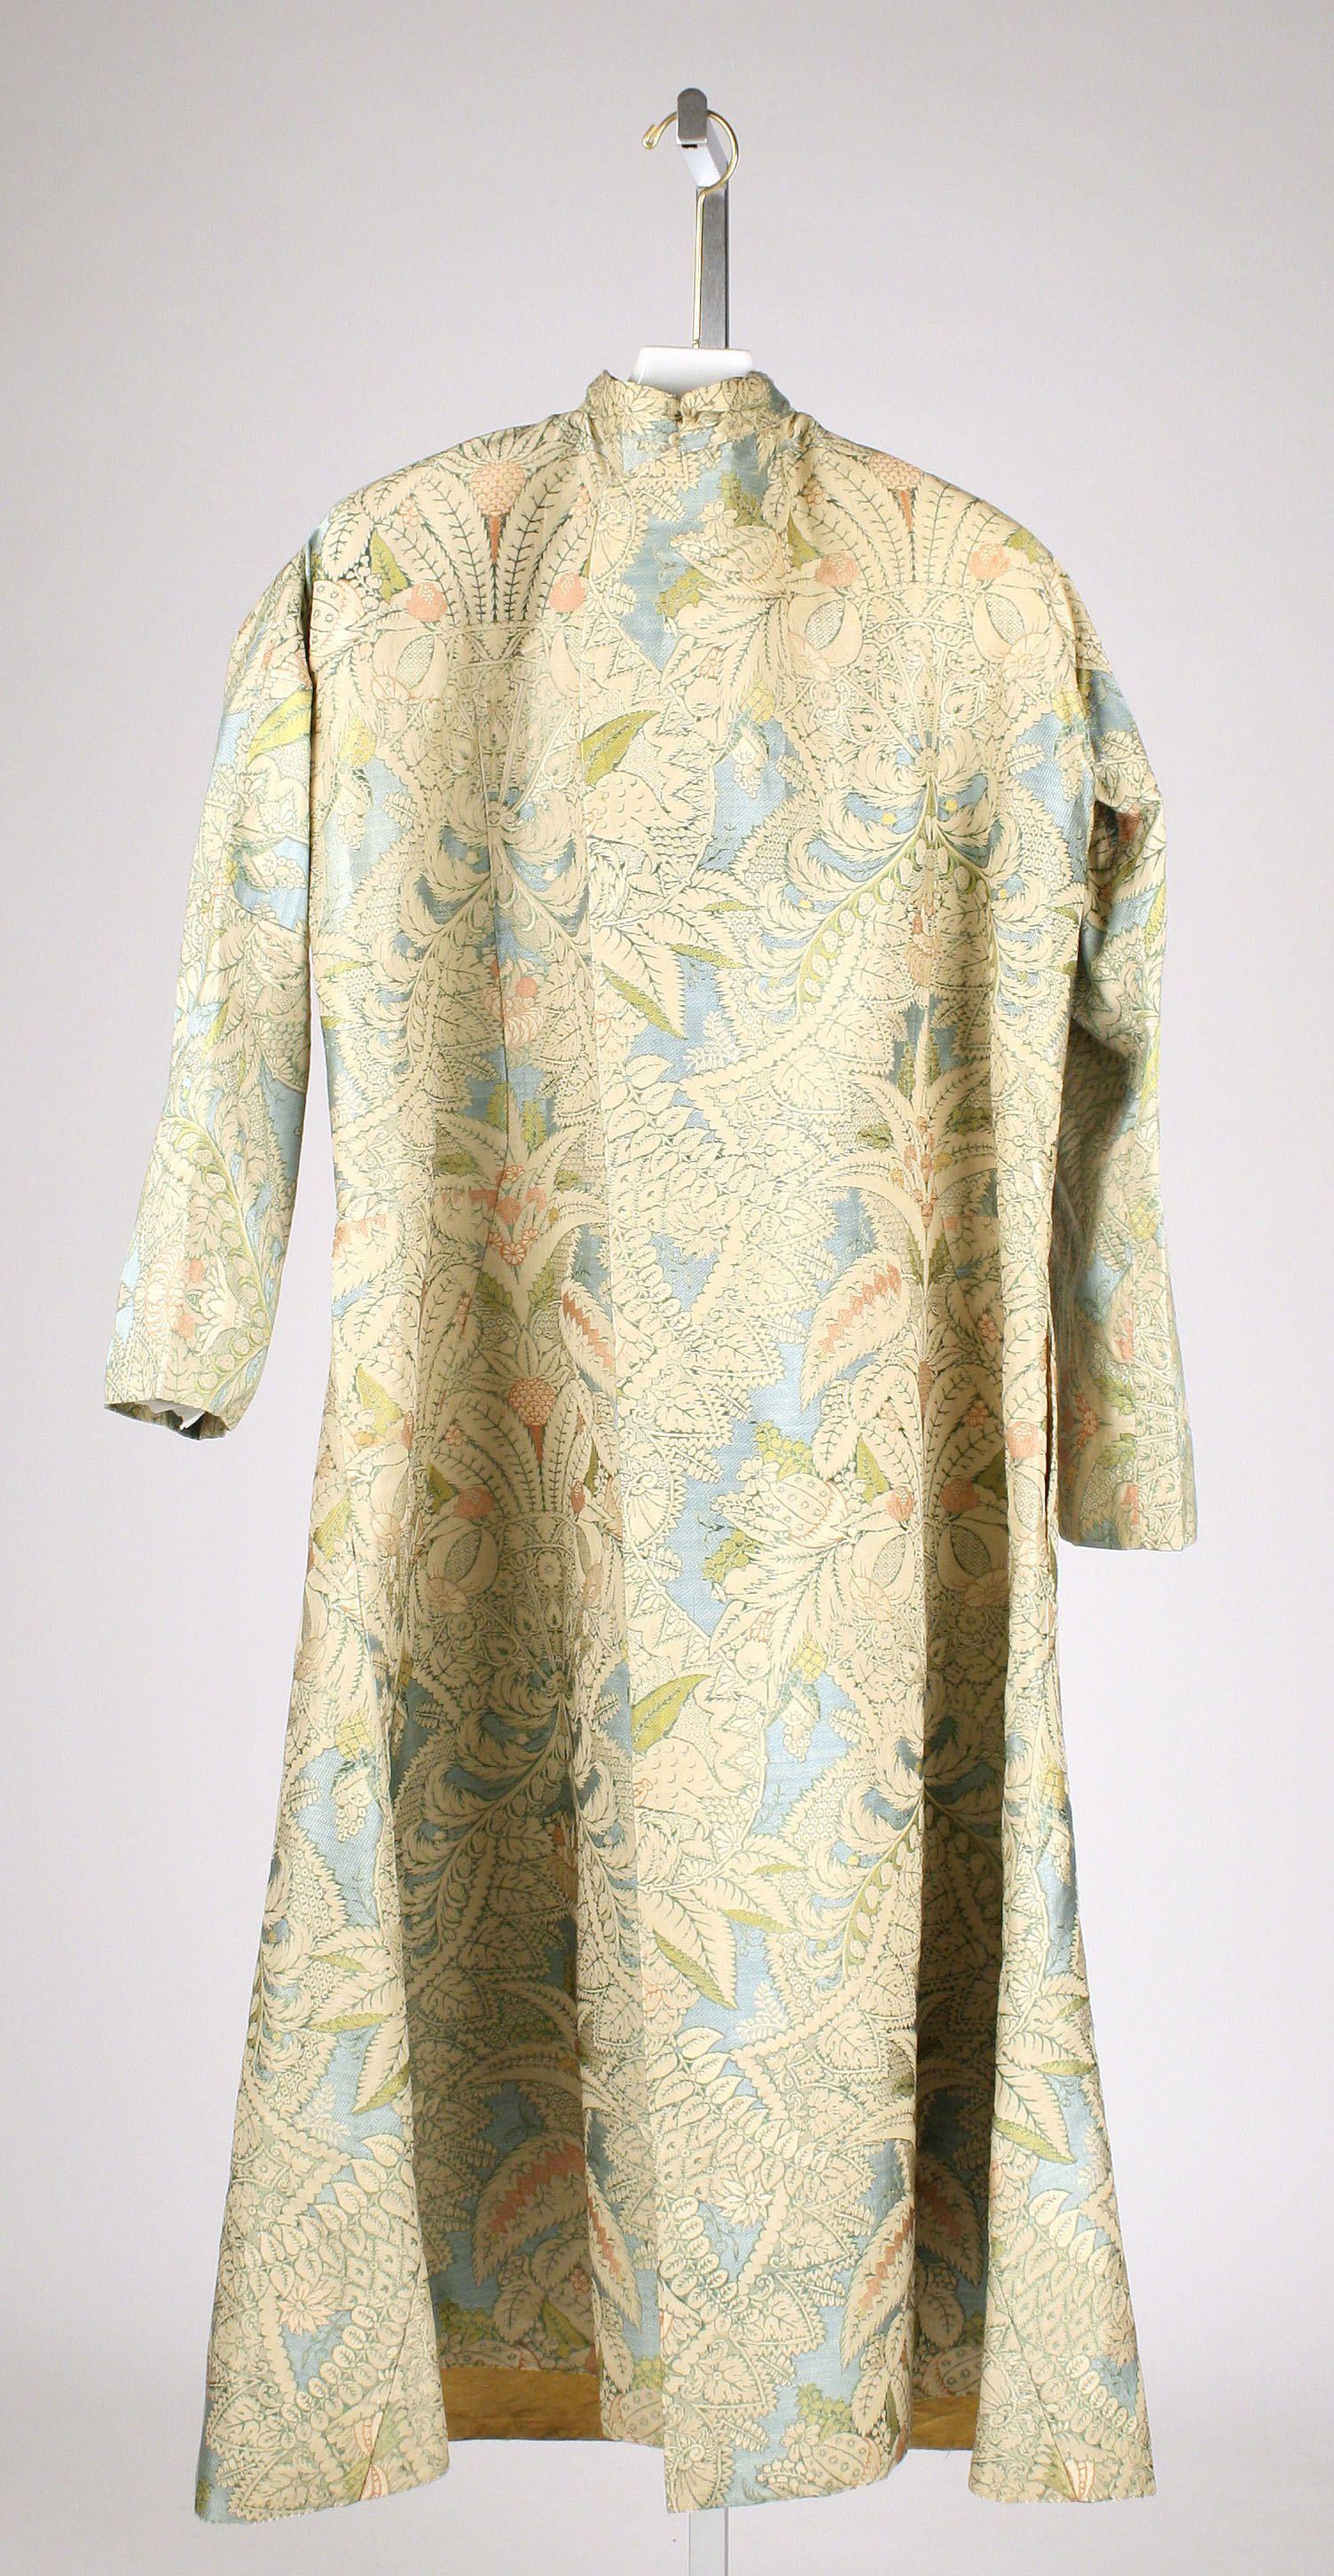 Banyan  Date: ca. 1730